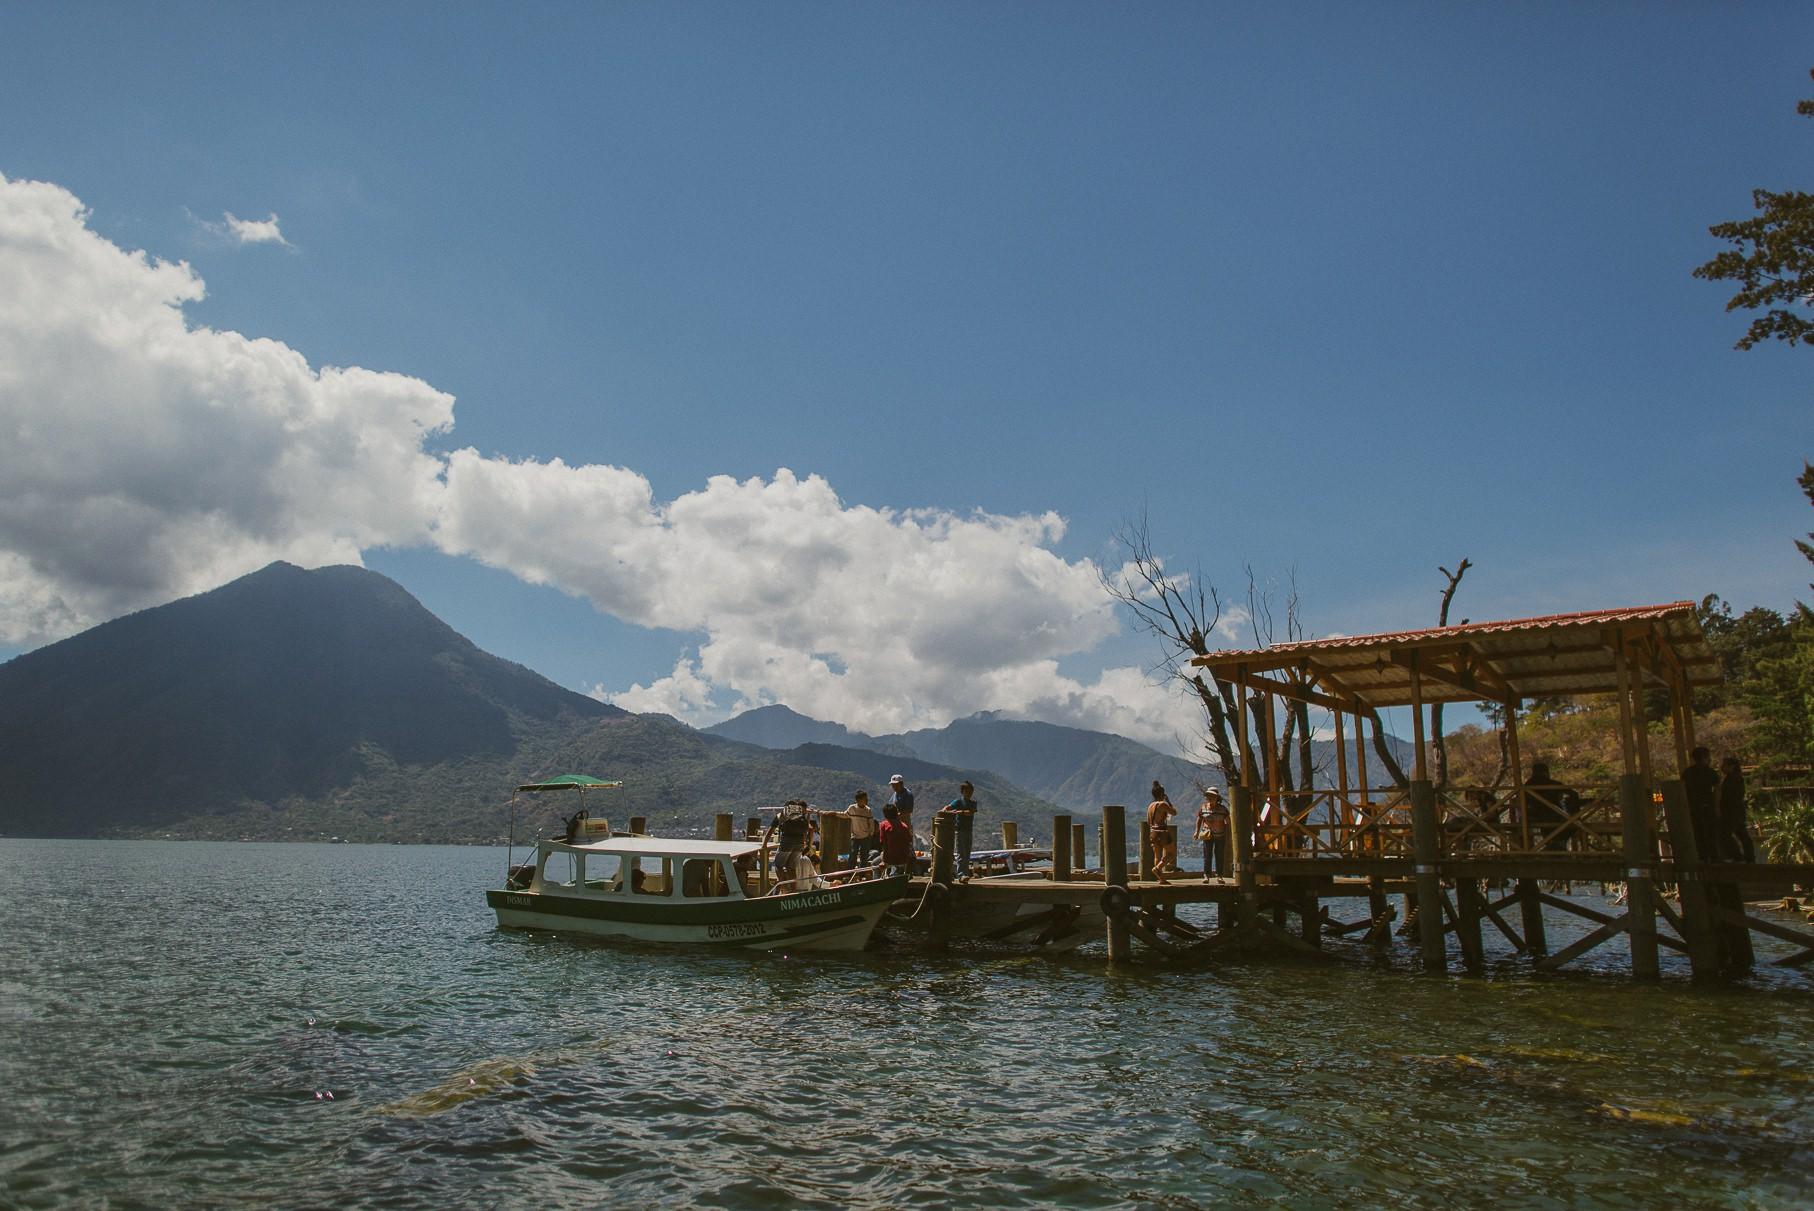 0153 anne und bjoern guatemala d75 3068 - 4 Wochen durch Guatemala - backpacking durch Mittelamerika